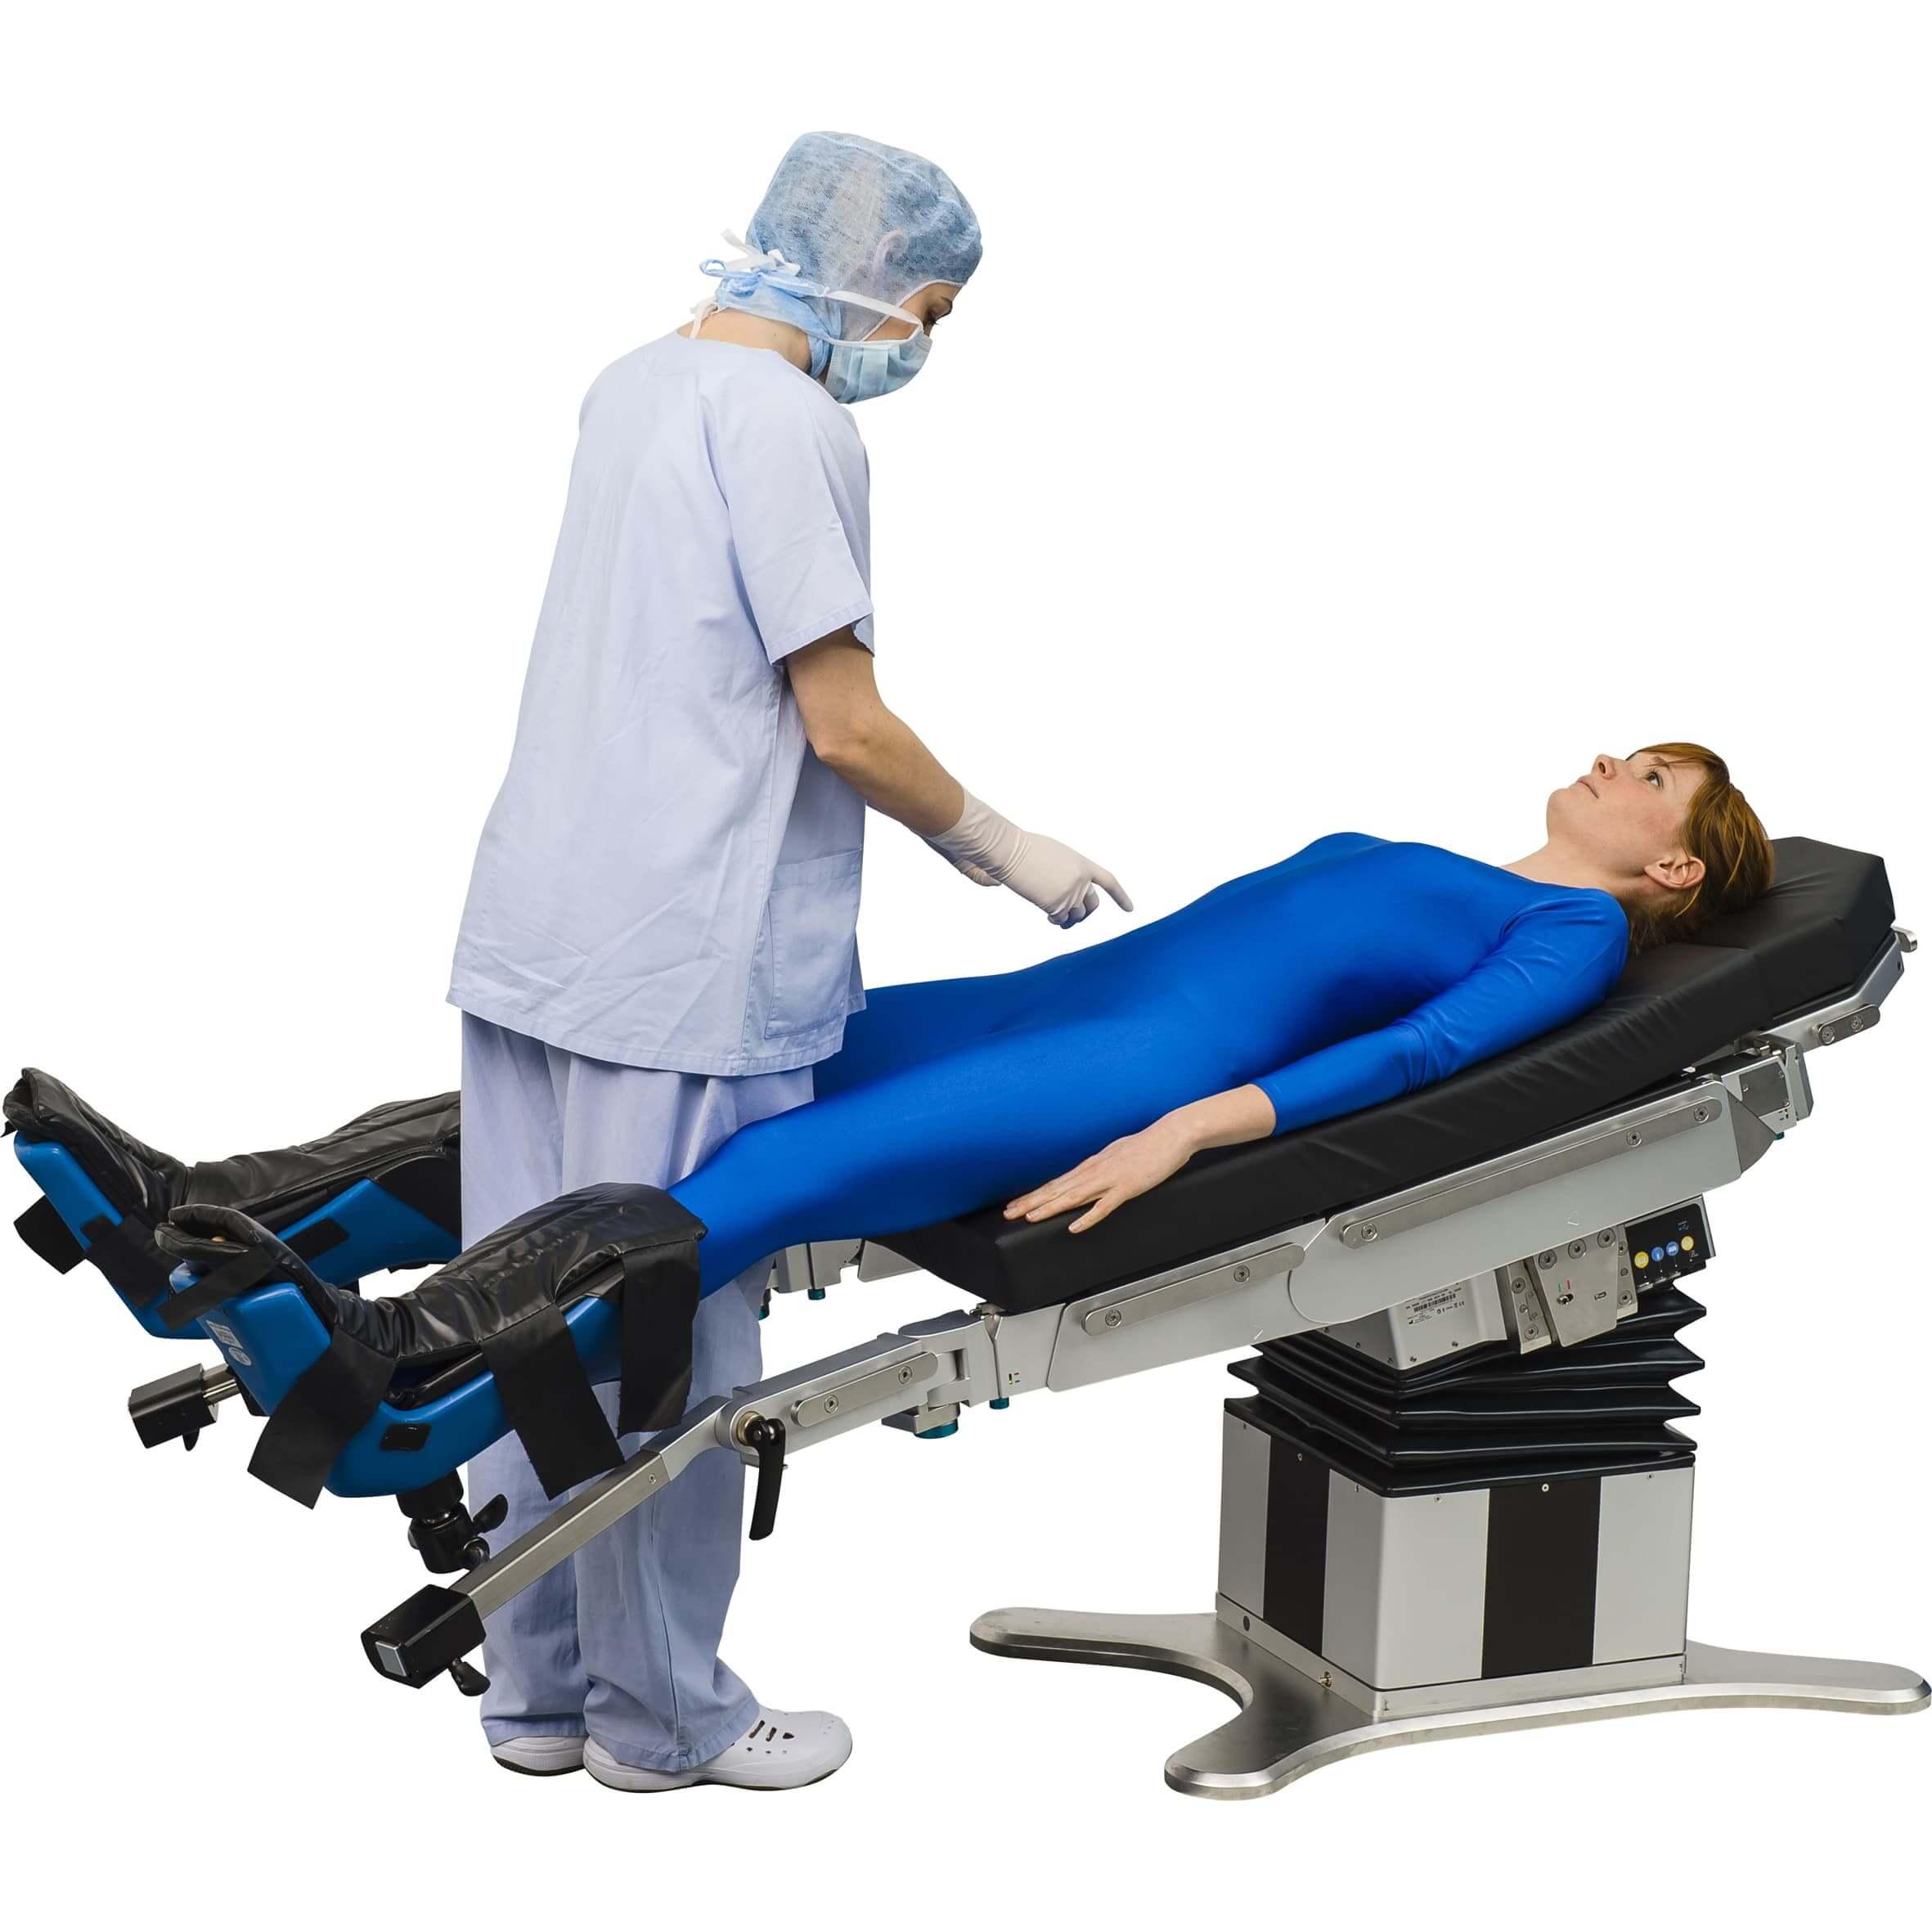 Операционный стол для Абдоминальной хирургии3